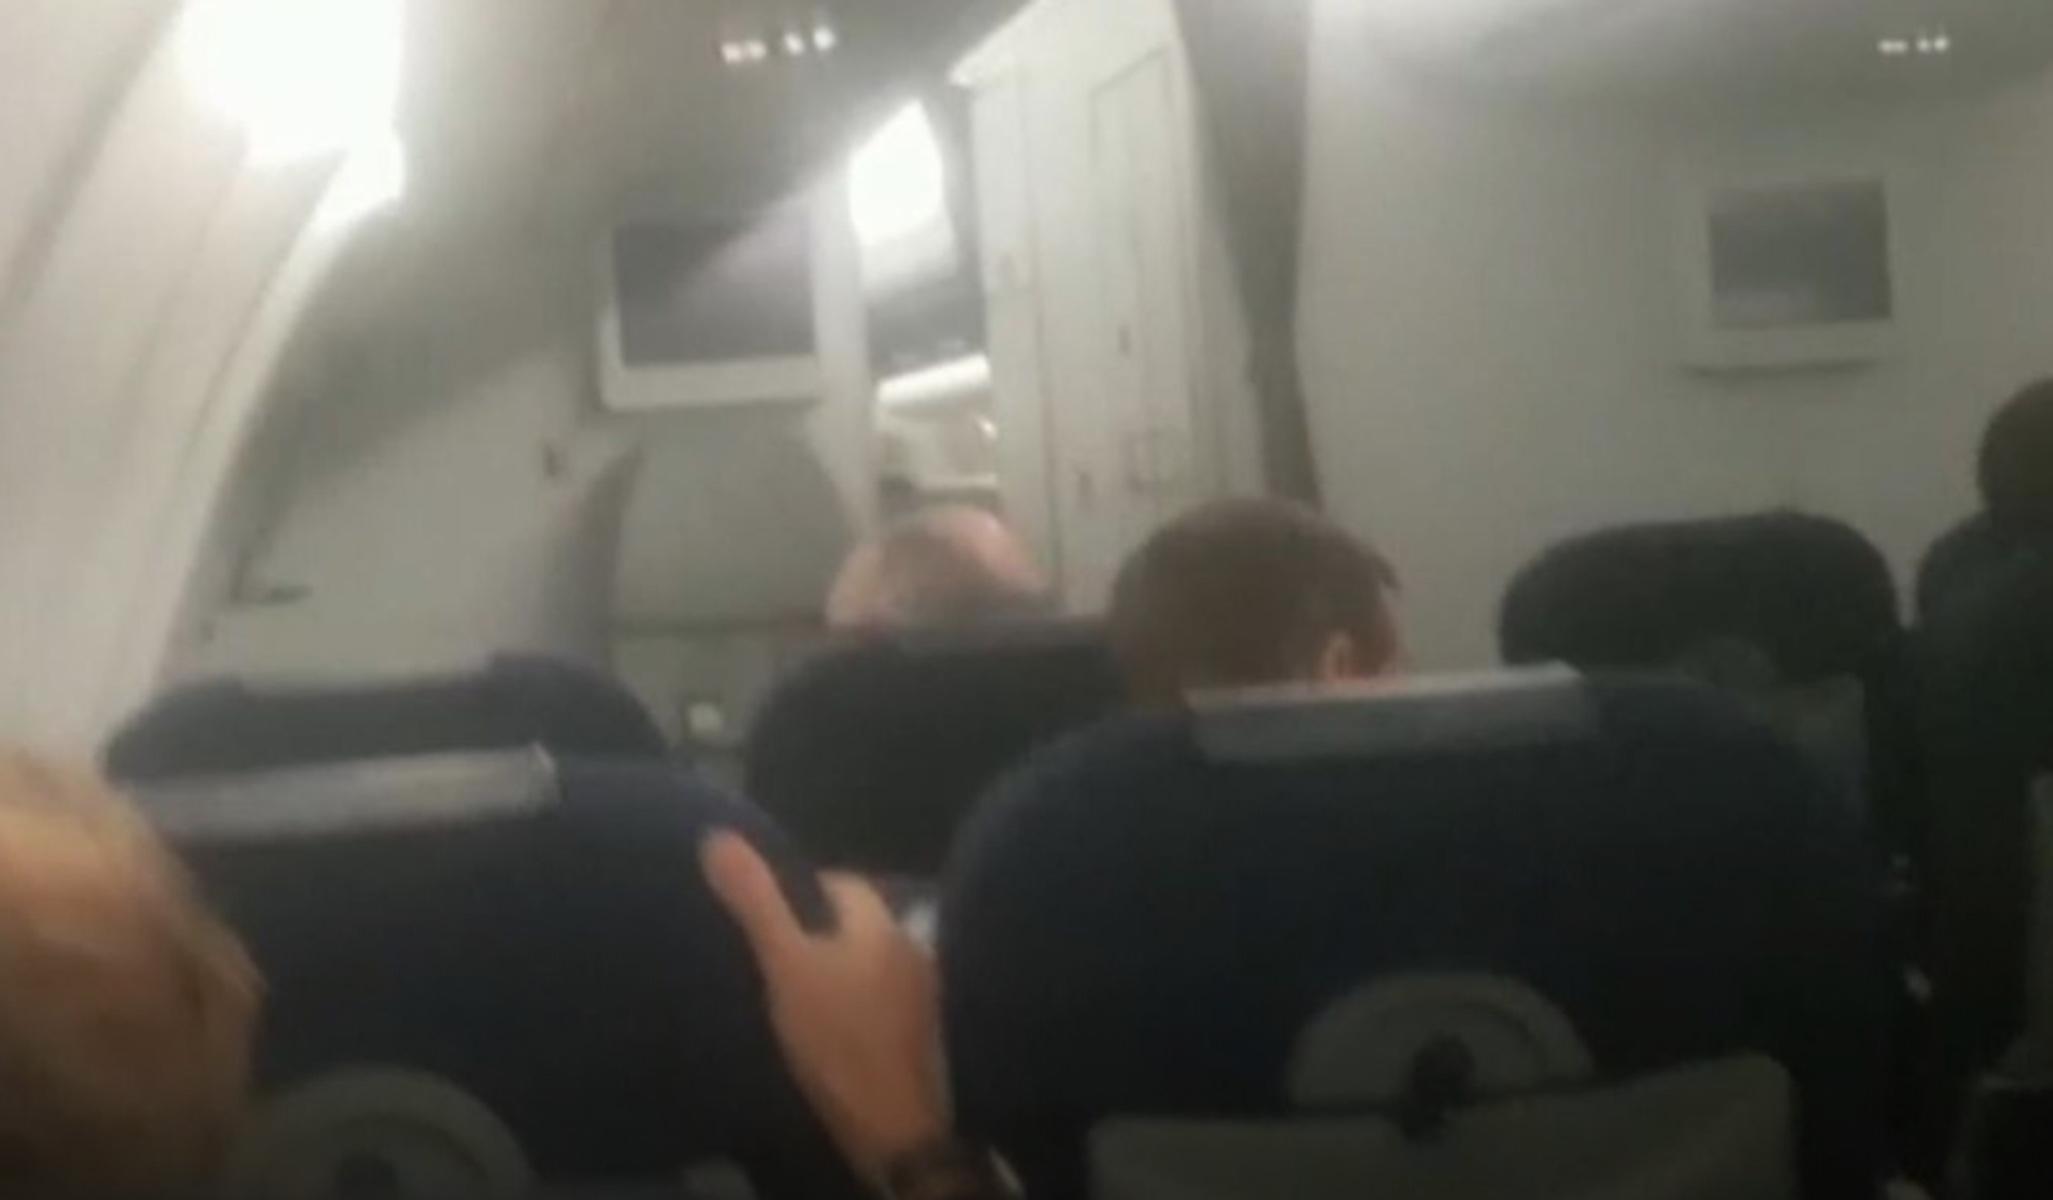 Πτήση τρόμου για Κέιτ και Γουίλιαμ! Έπεσαν σε απίστευτες αναταράξεις [video]